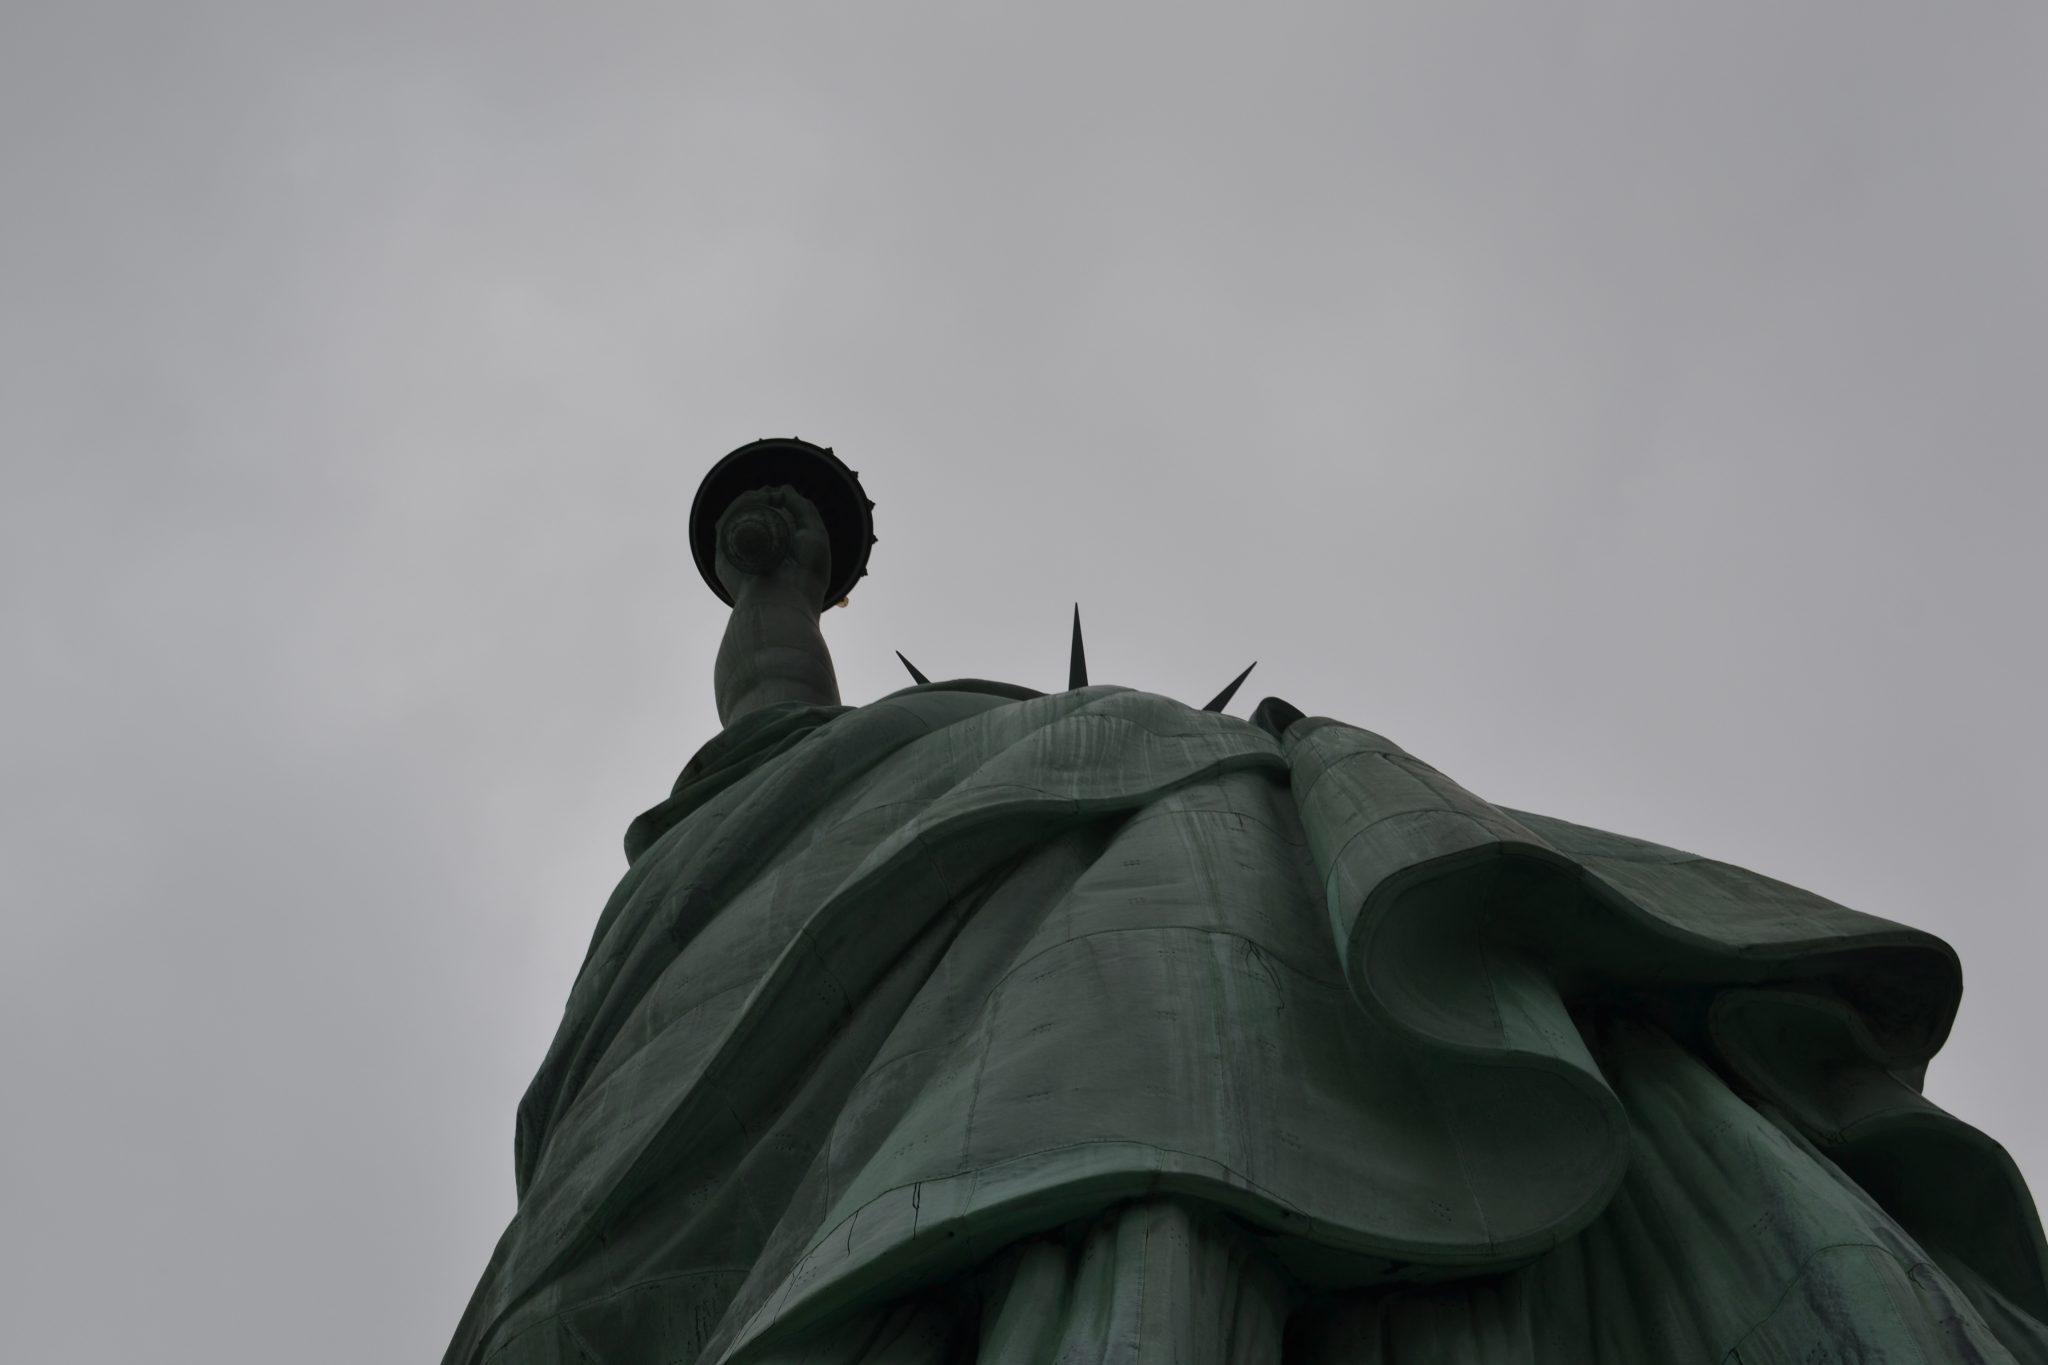 Eine Woche in New York: Ellis Island & Freiheitsstatue - dsc 0449